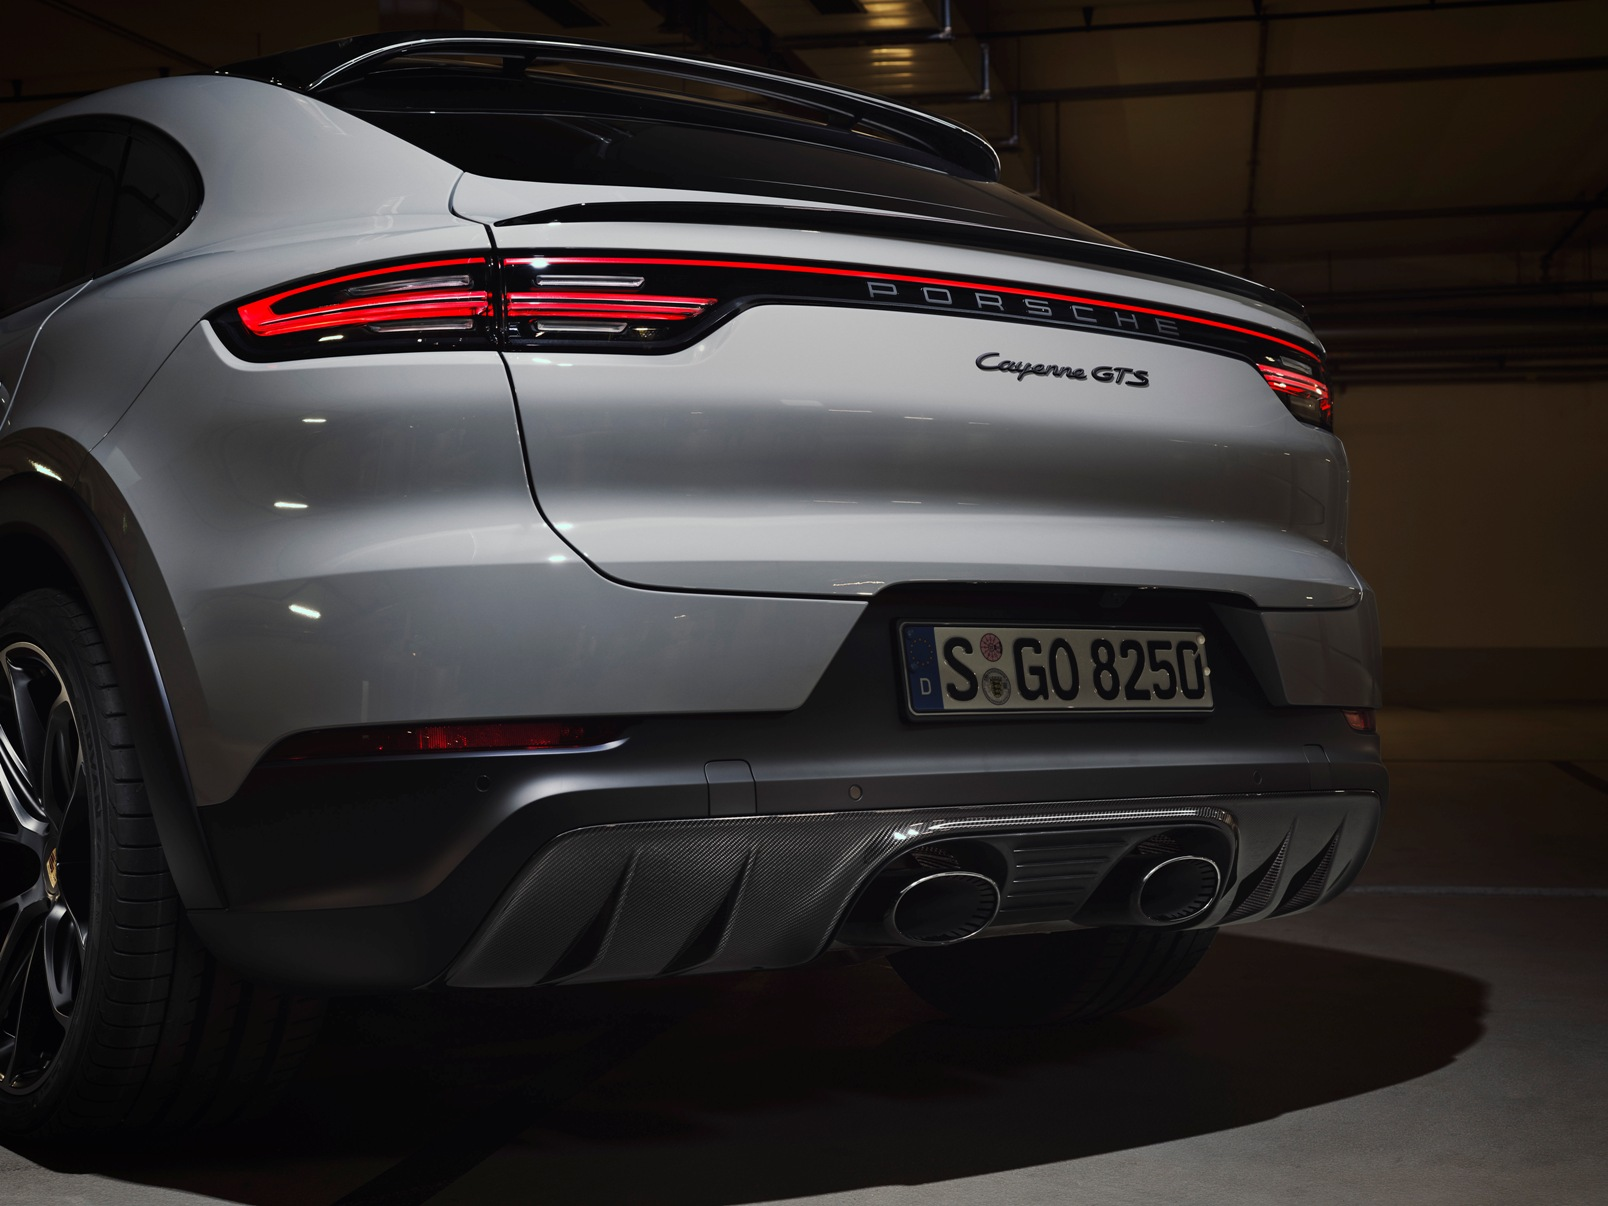 Porsche Cayenne Gts 2020 (5)